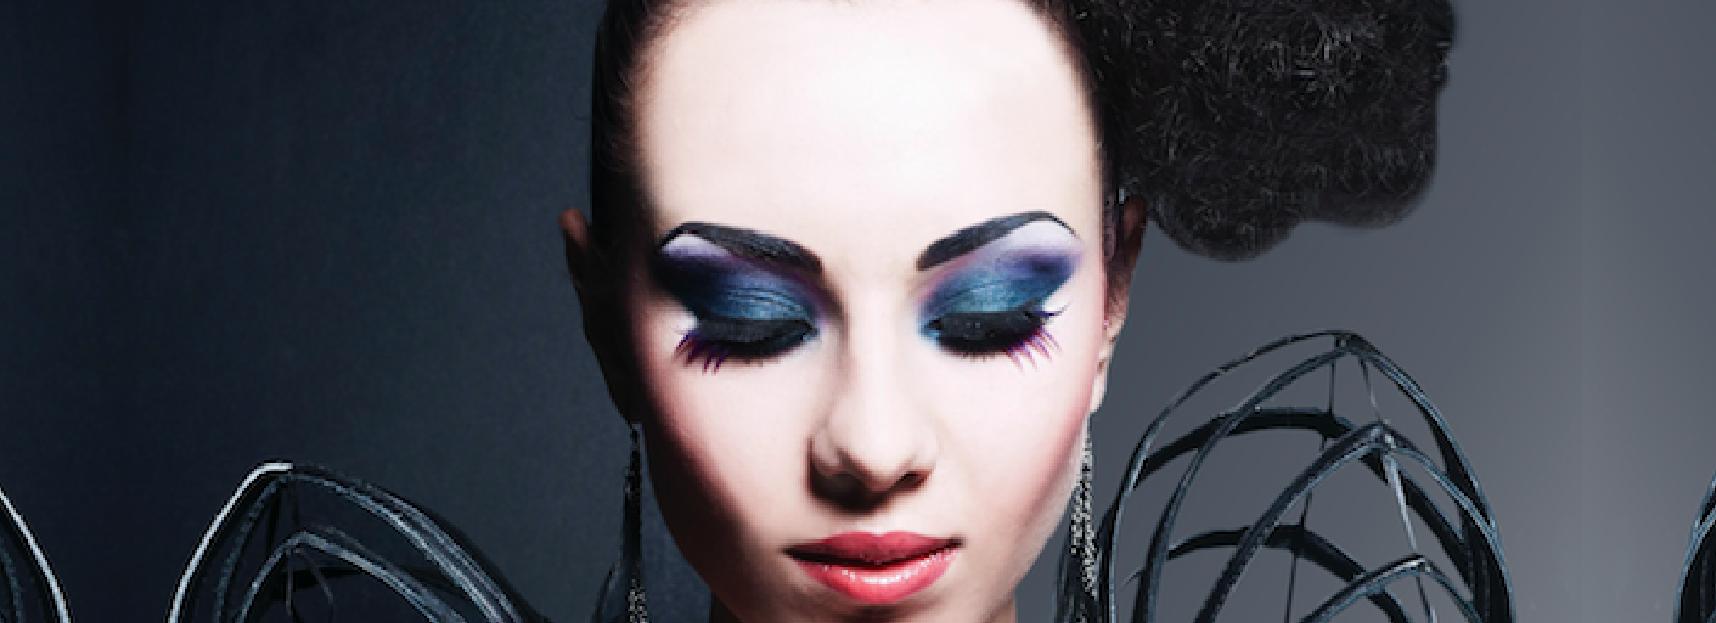 Maquillage beauté visagisme 2 mois